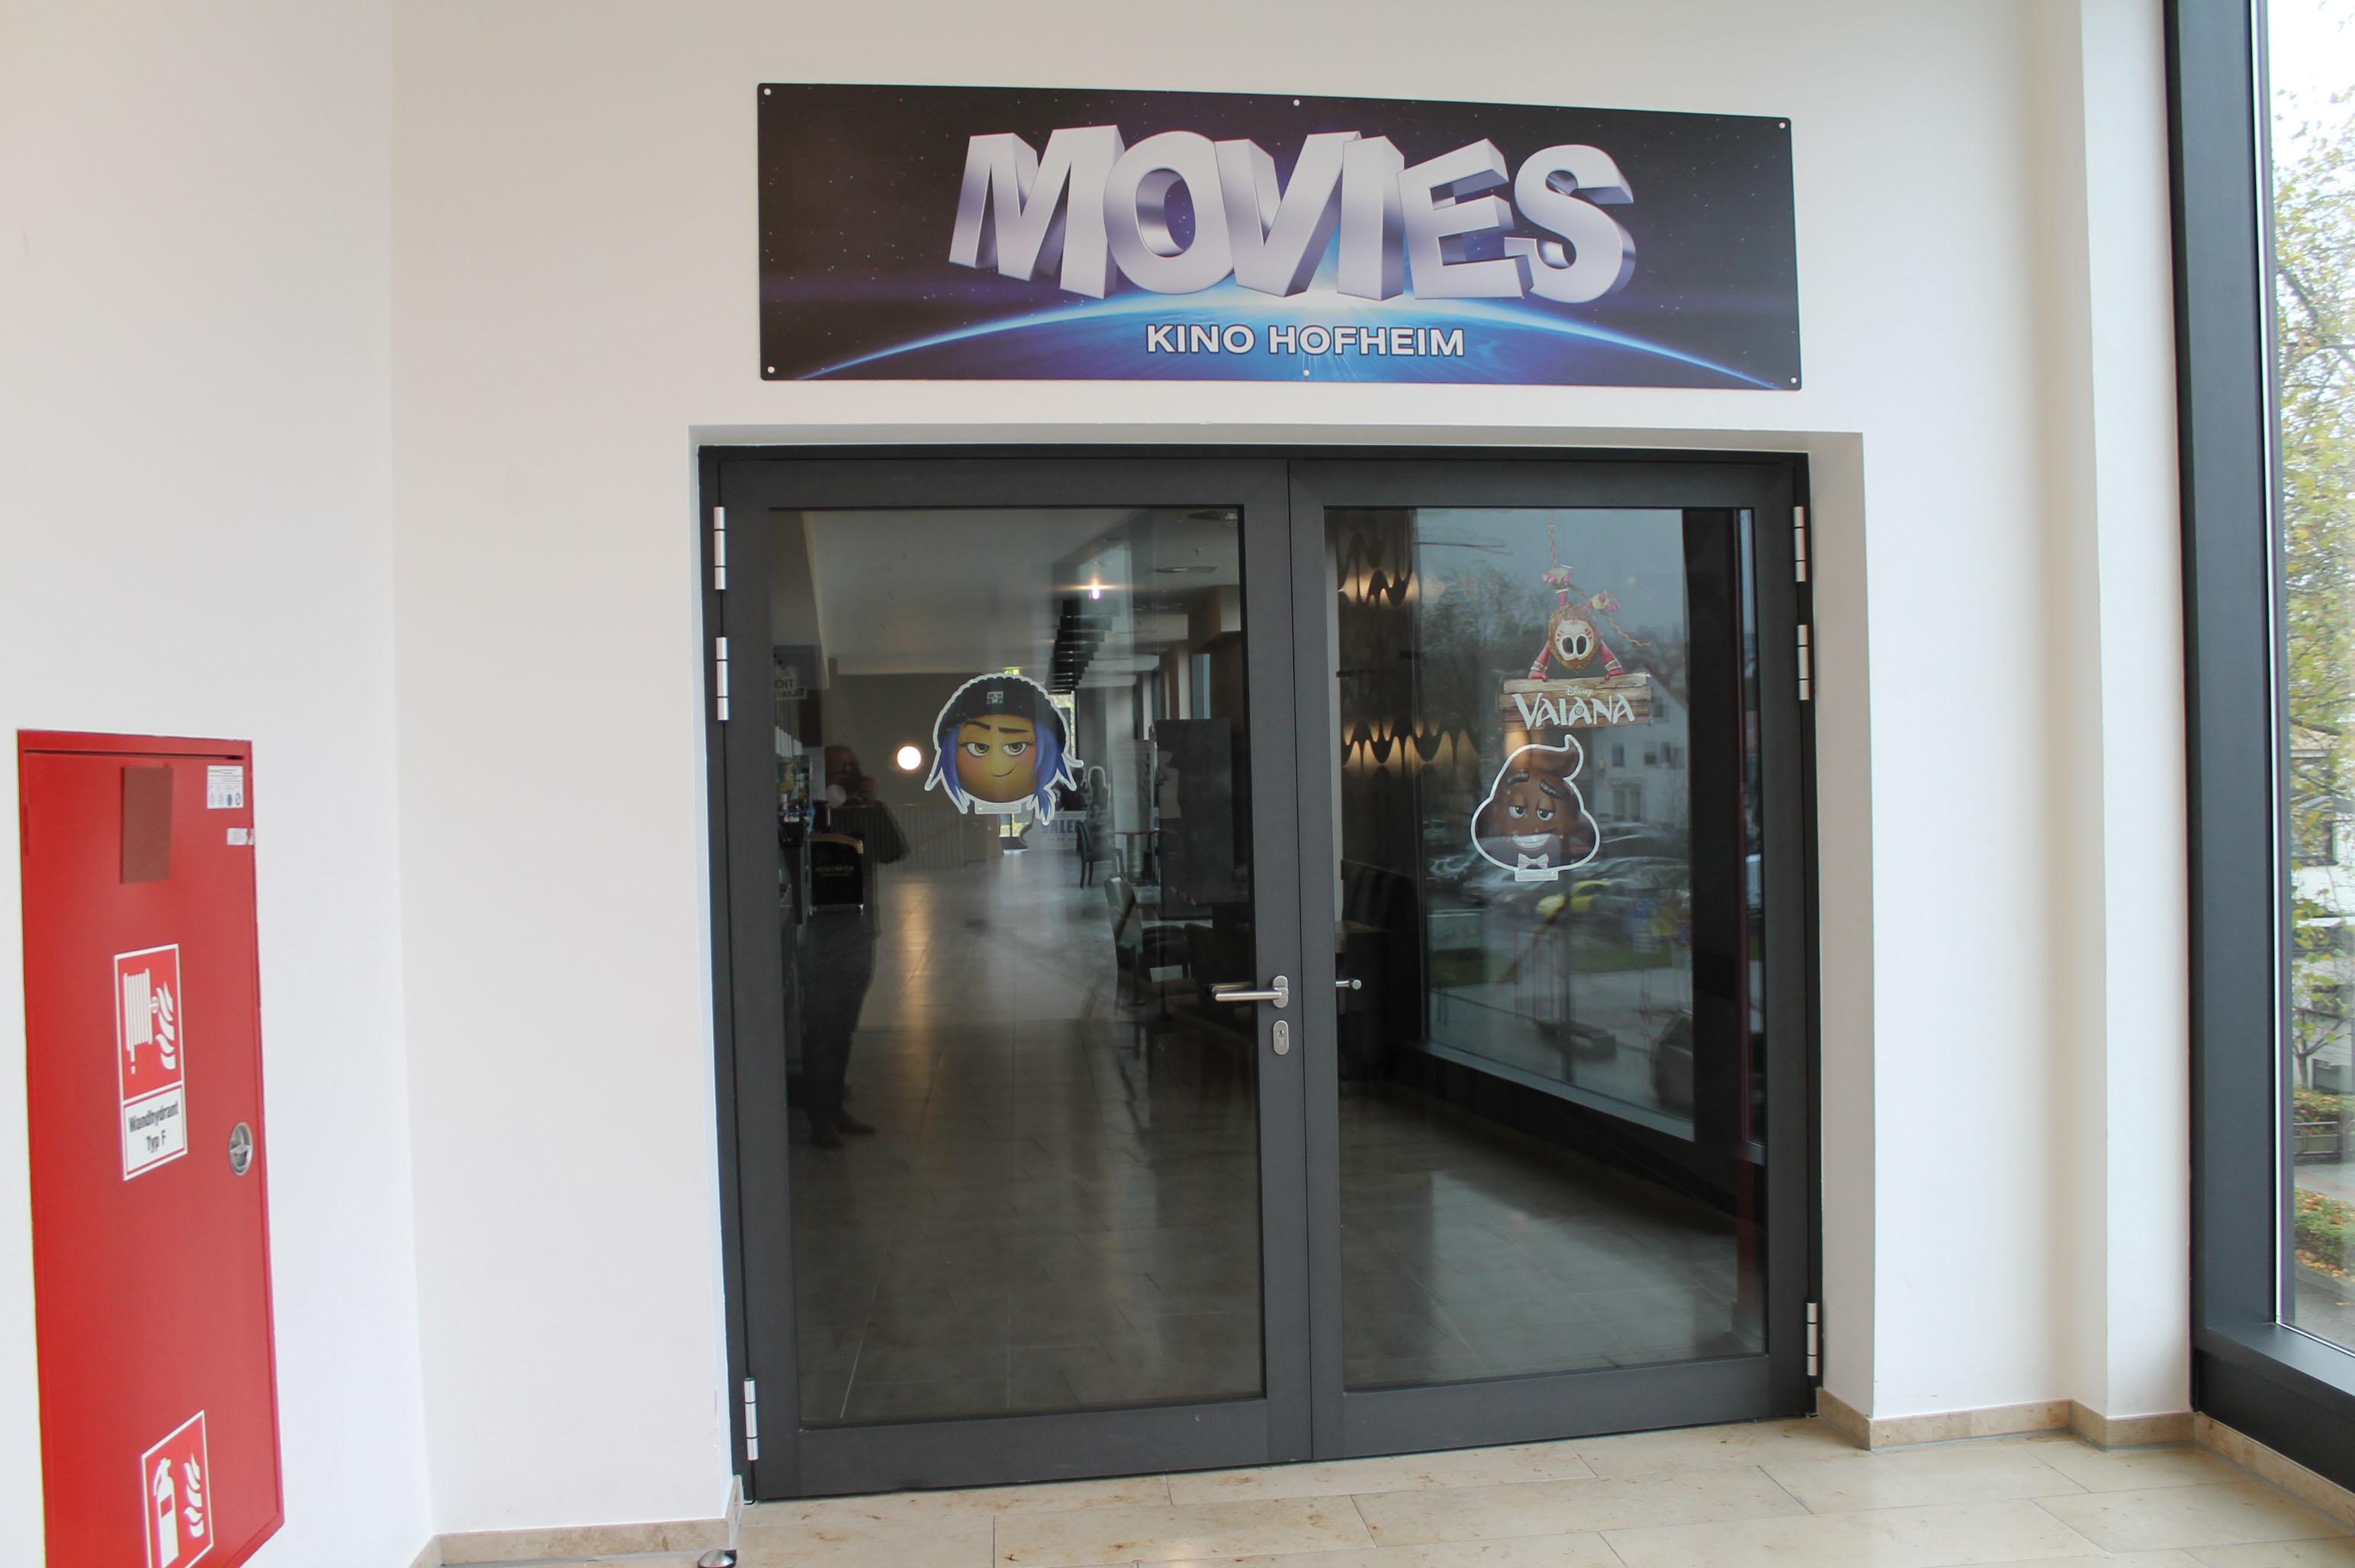 Kino In Hofheim